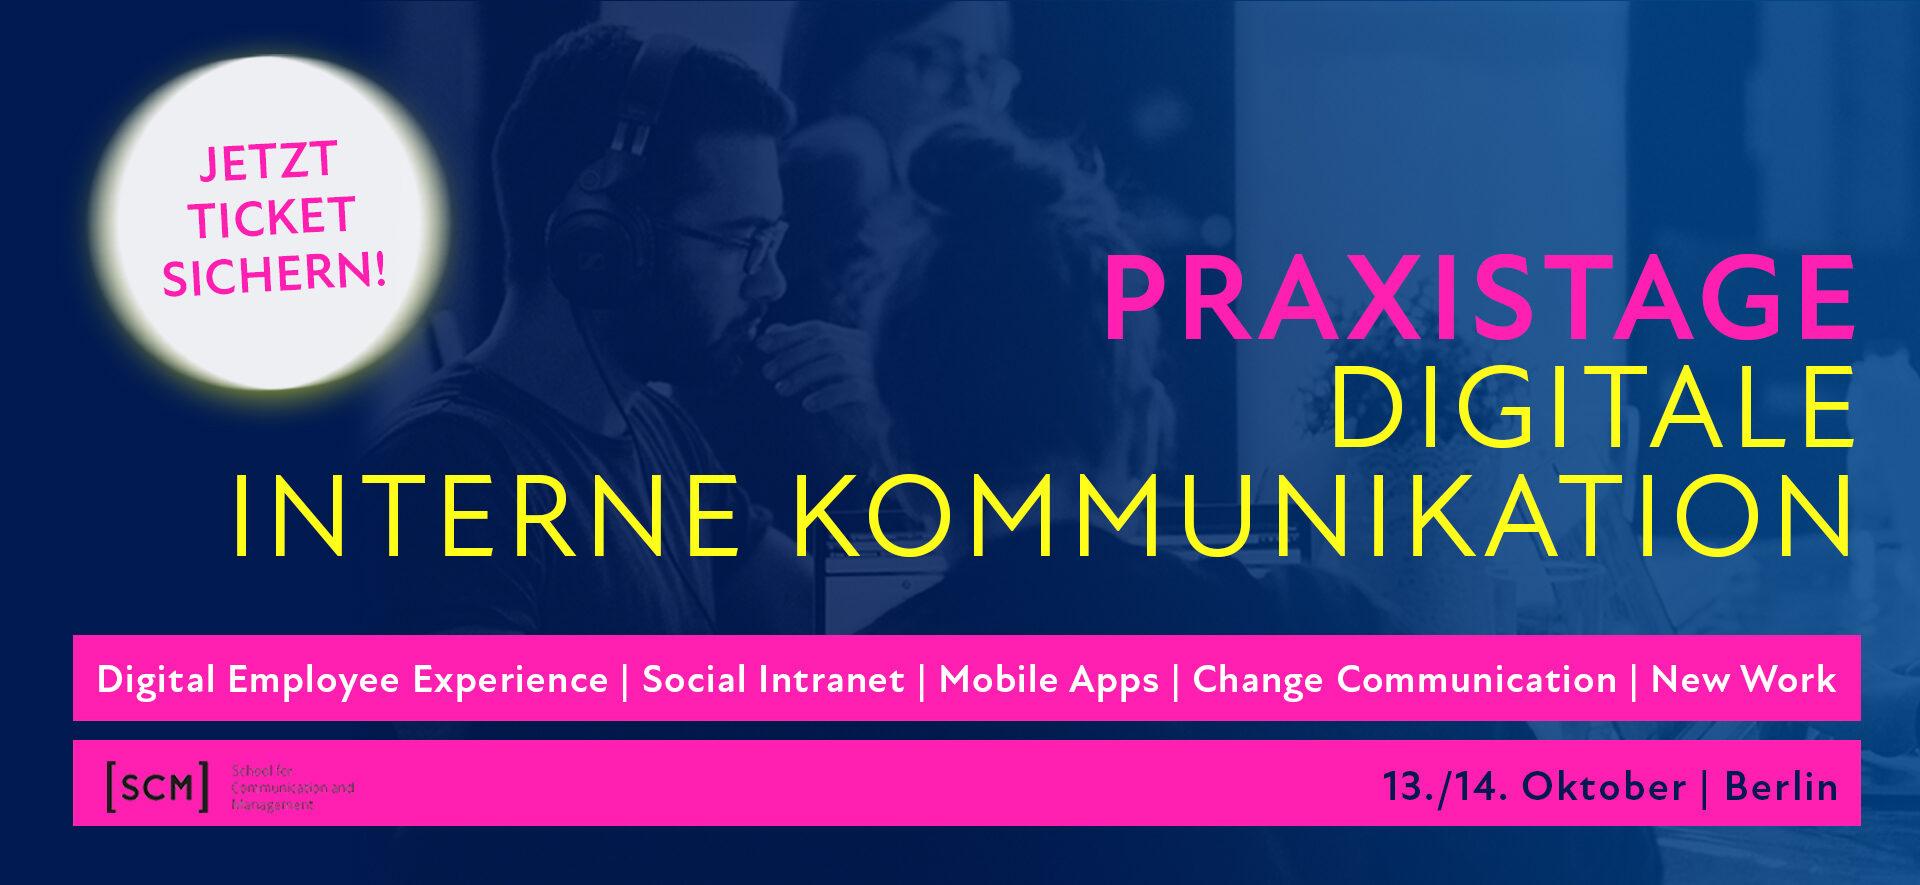 Praxistage_Digitale_Interne_Kommunikation